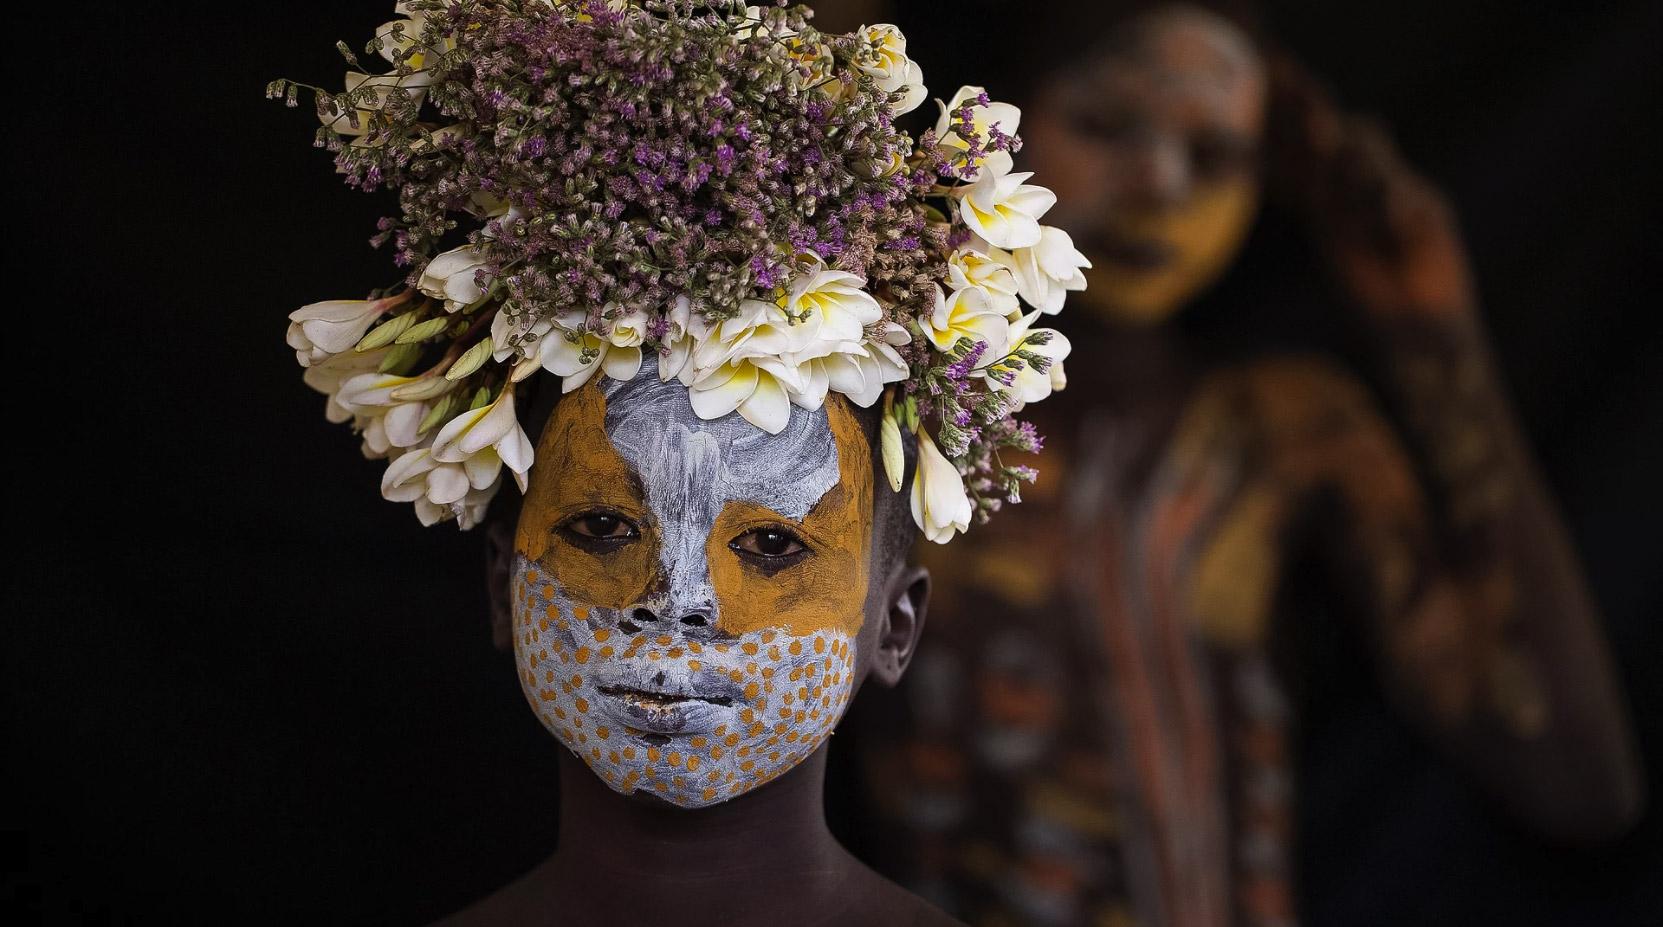 Цветы Эфиопии, © Робин Янг / Robin Young, Поощрительная премия, Фотоконкурс «Портреты» — Portraits – Hellerau Photography Award